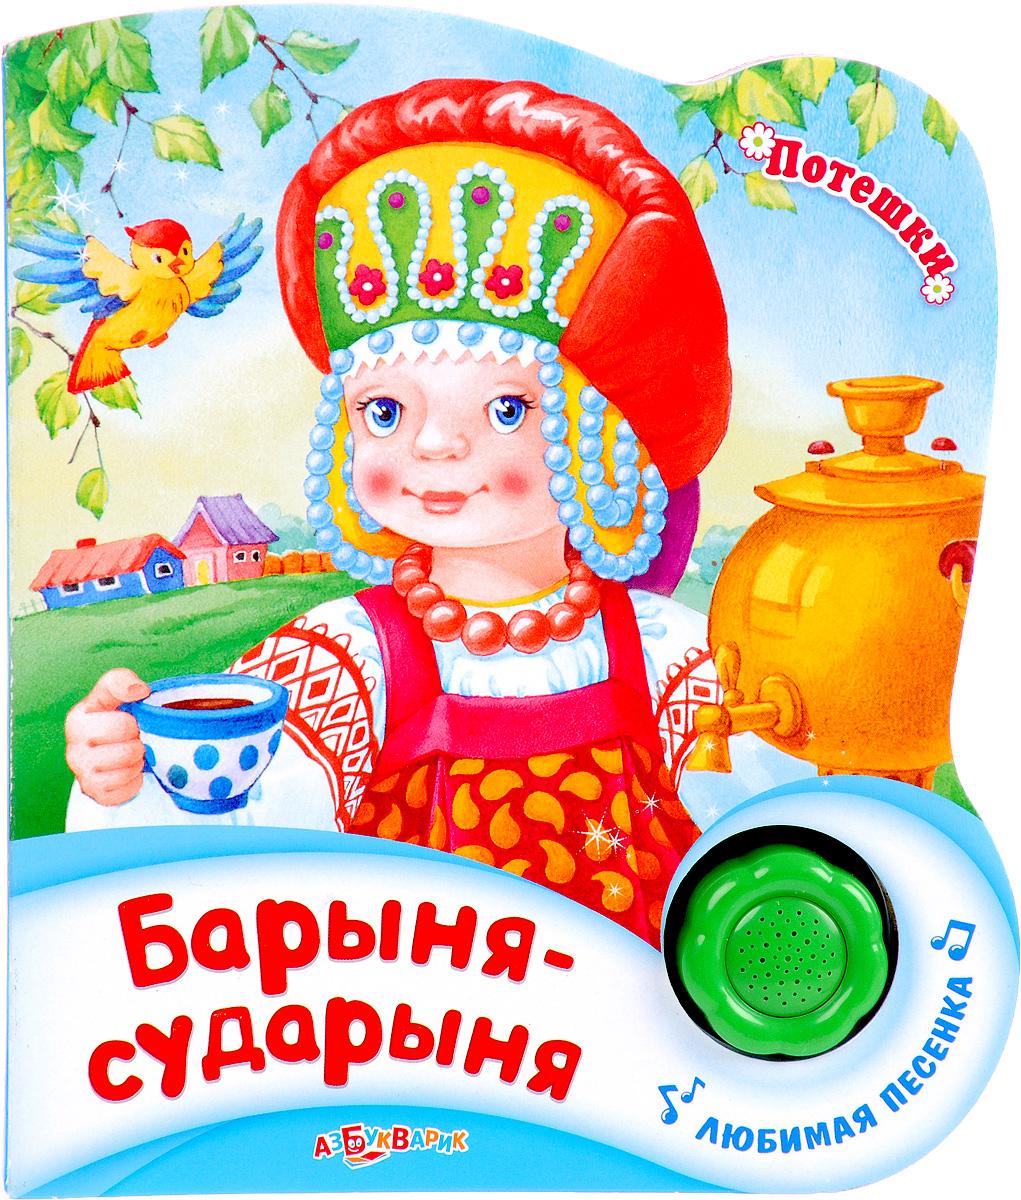 Барыня-сударыня. Книжка-игрушка